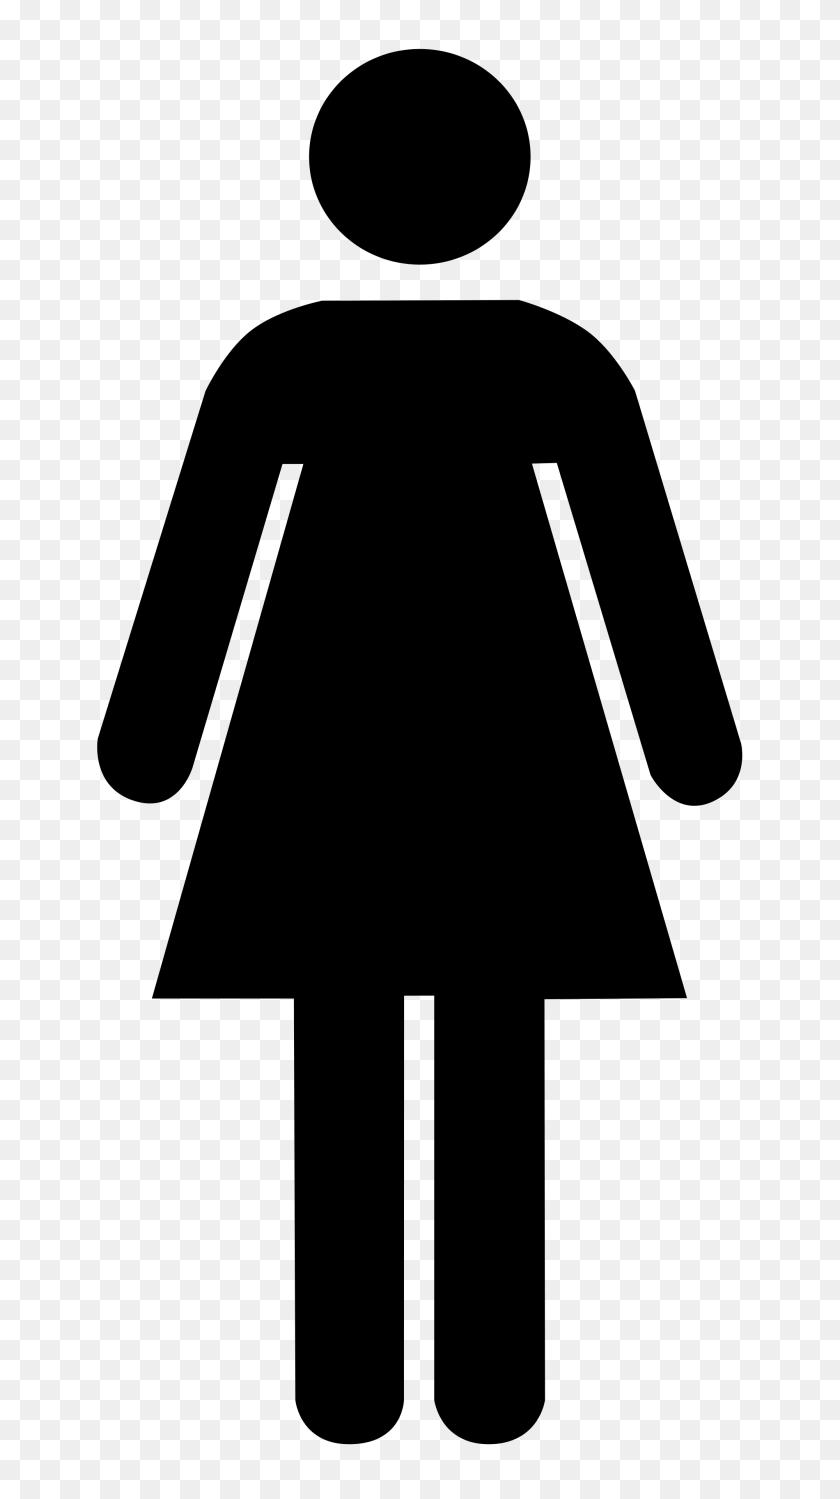 Ladies Bathroom: Free Printable Restroom Signs Clipart